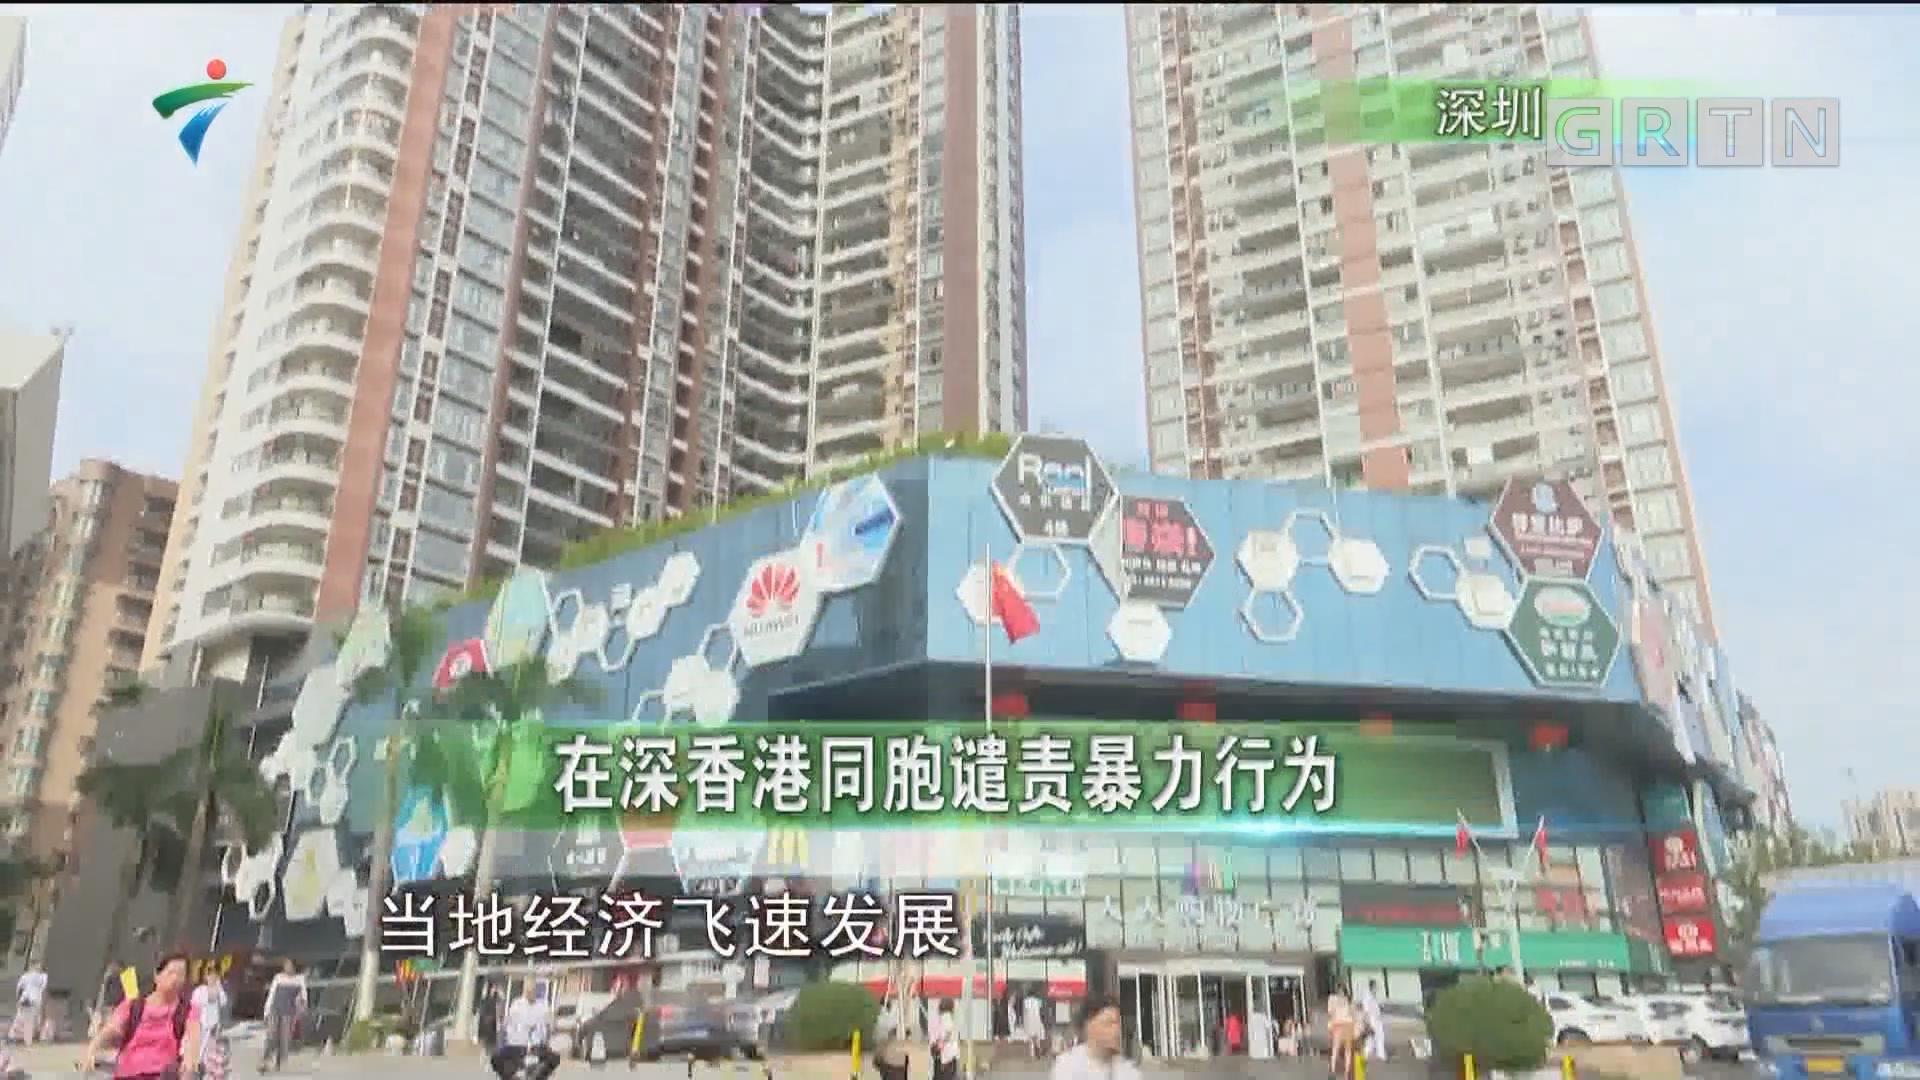 在深香港同胞谴责暴力行为